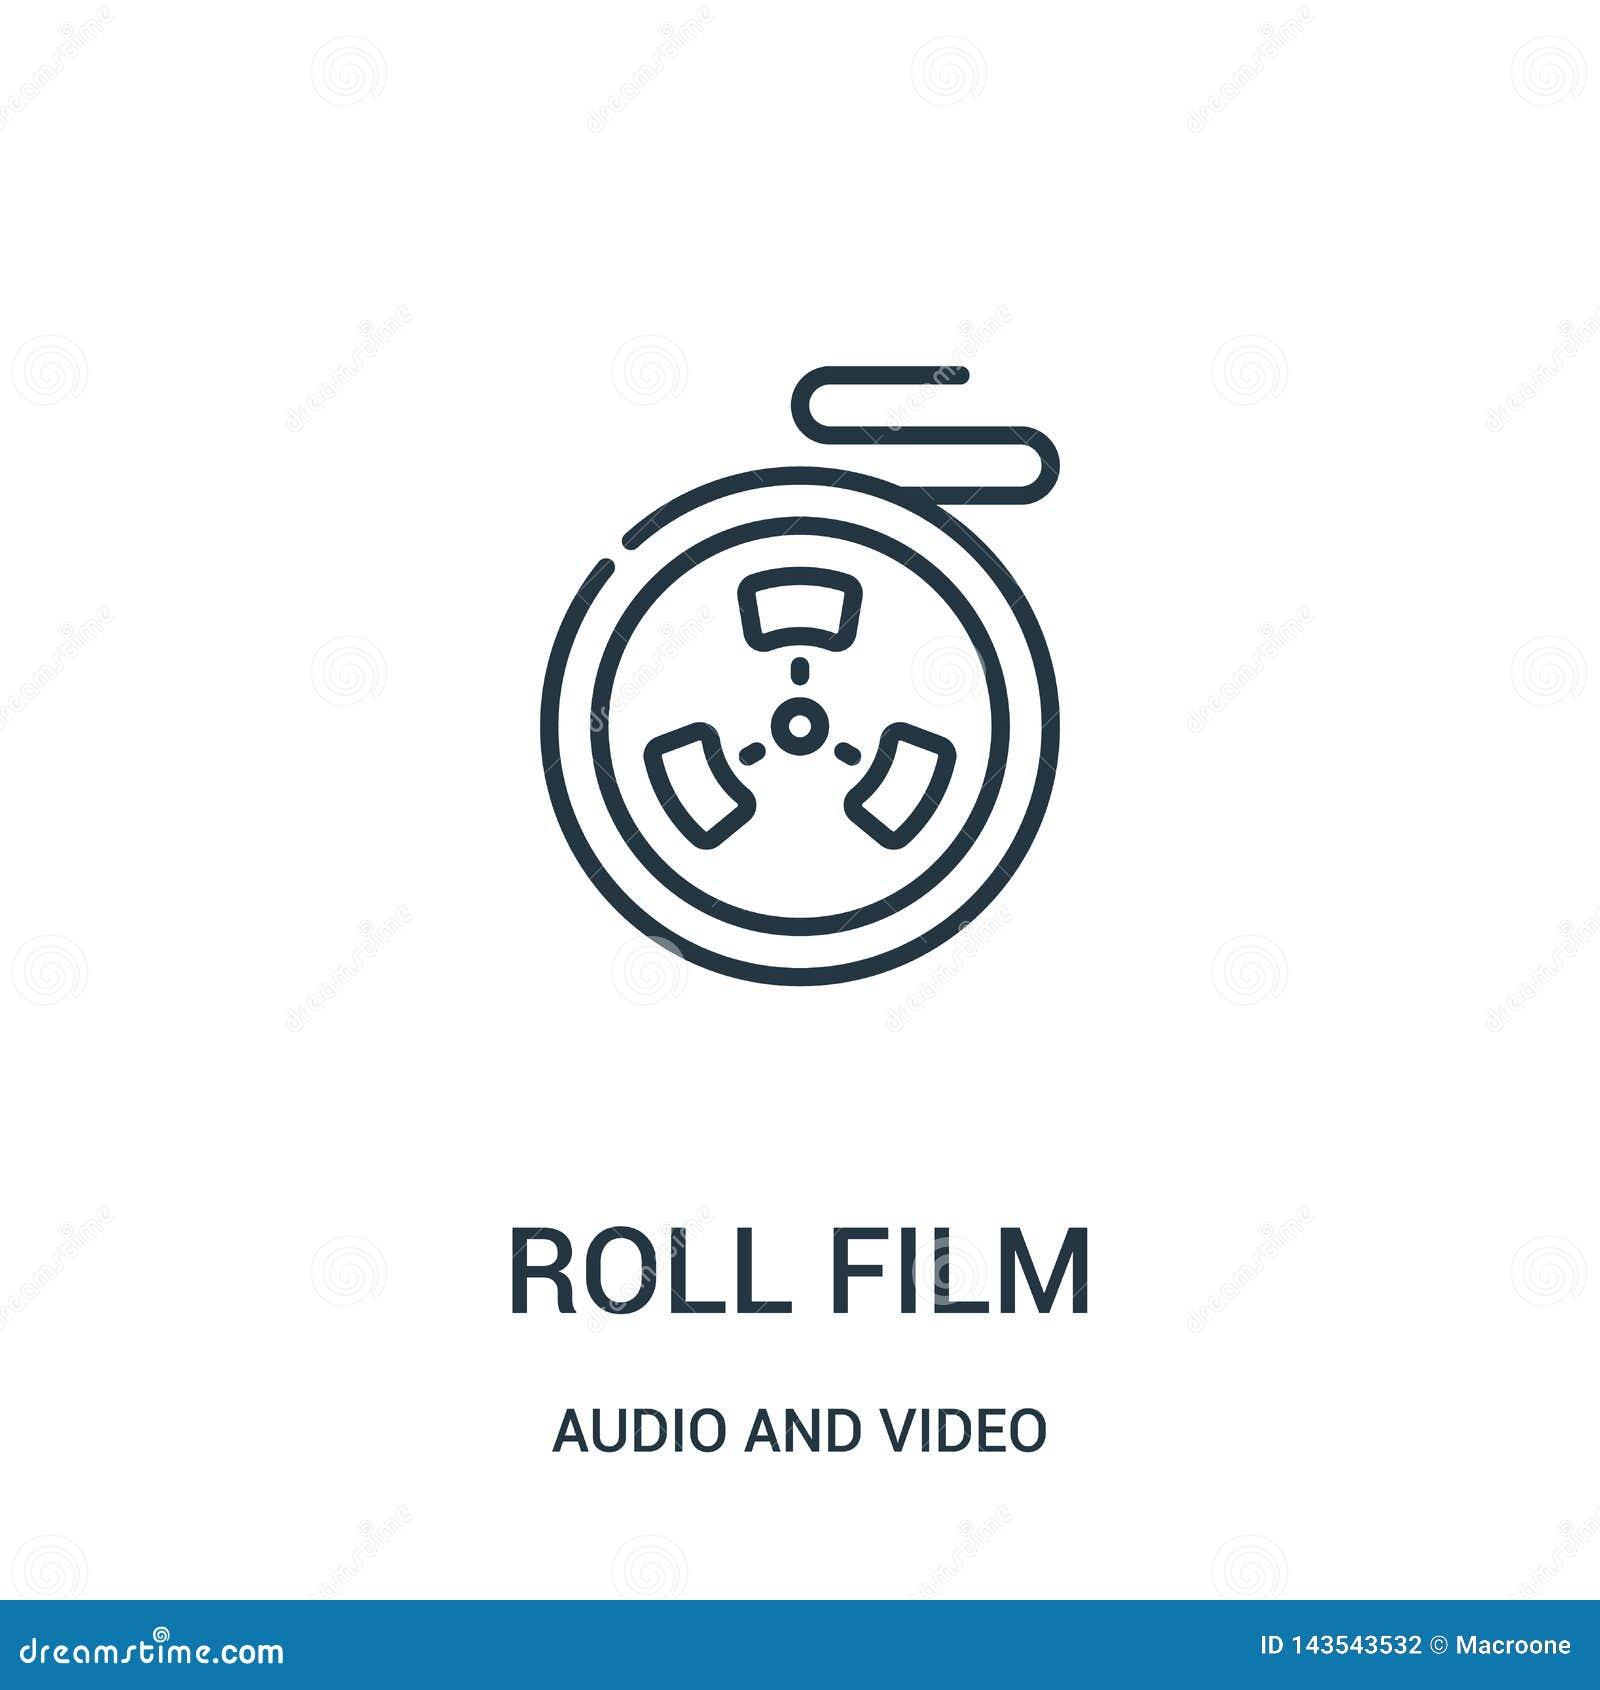 Vector del icono de la película de rollo de la colección audio y video Línea fina ejemplo del vector del icono del esquema de la